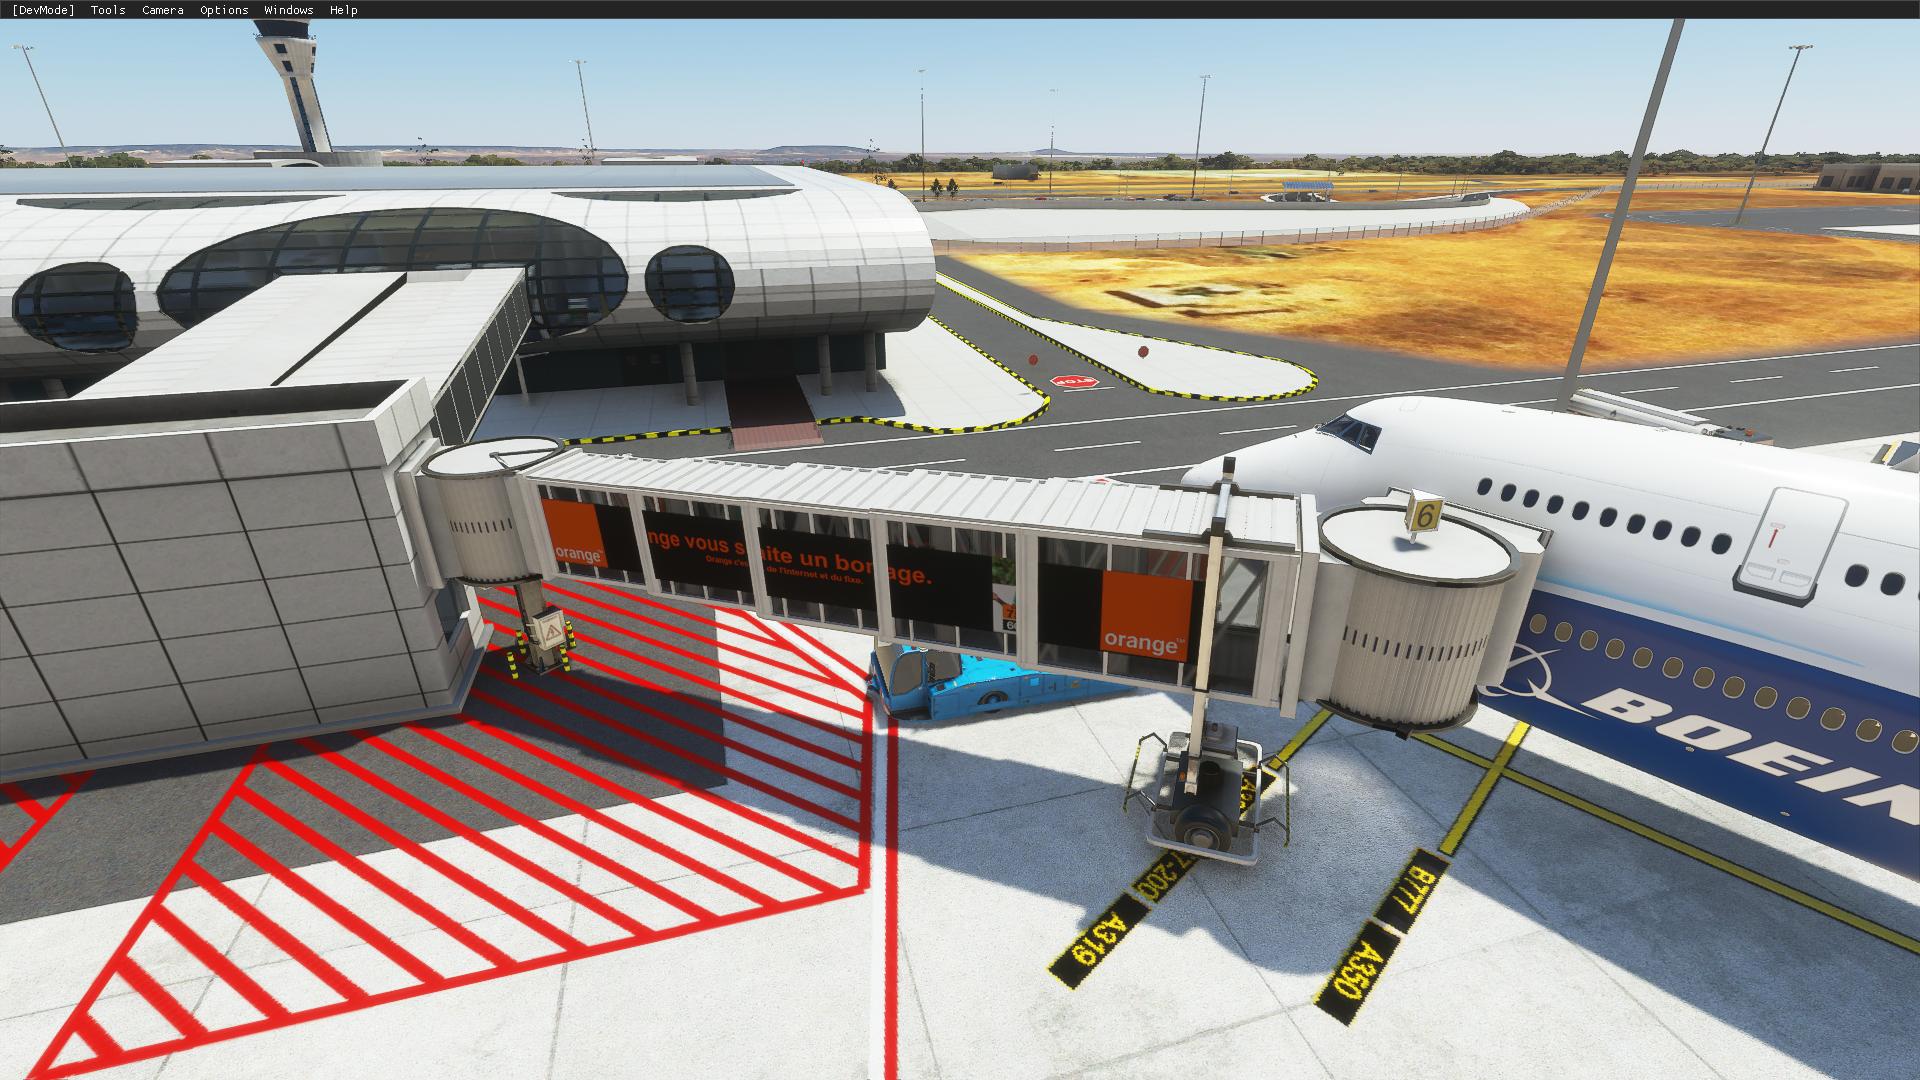 FlightSimulator 2020-10-01 02-17-39-20.png